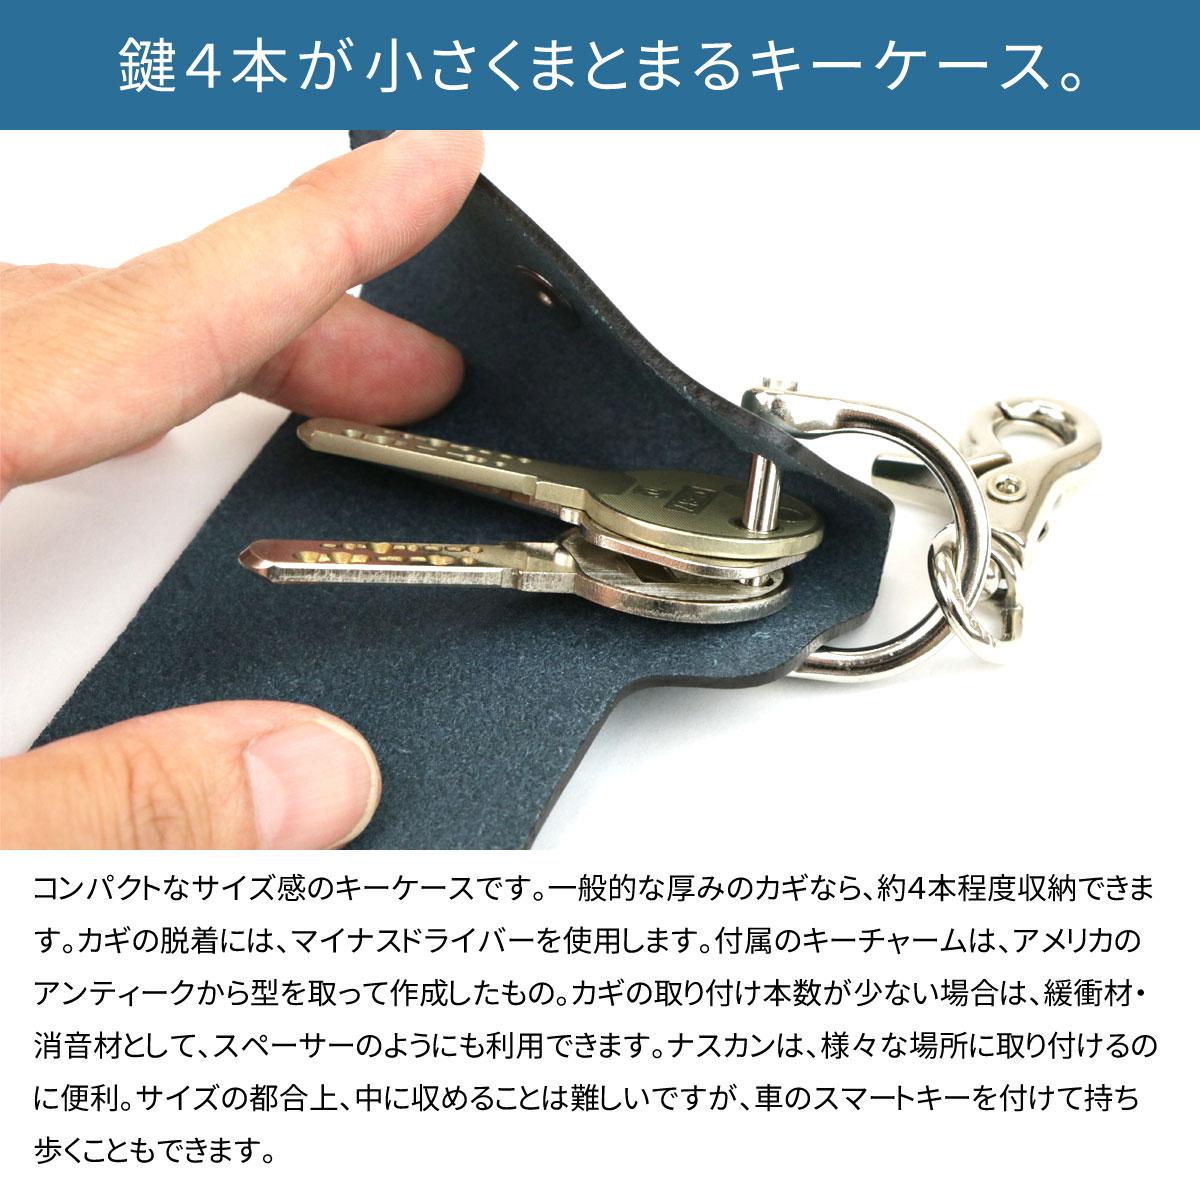 鍵4本が小さくまとまるキーケース。